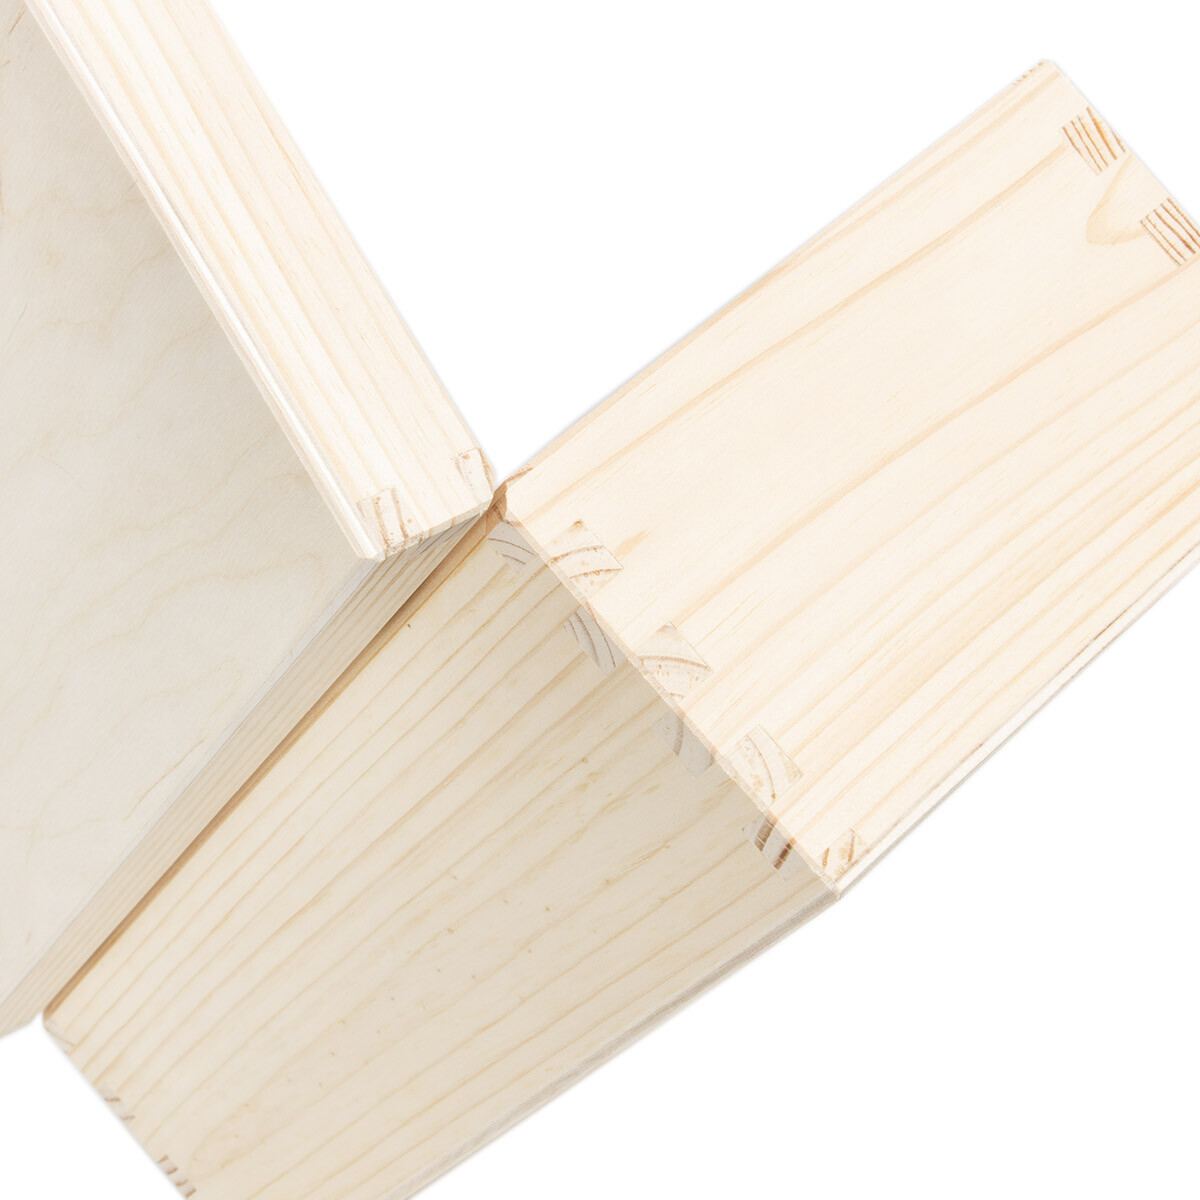 geschenkbox 7 mm dickes holz f r schnaps aufbewahrungsbox aus ho. Black Bedroom Furniture Sets. Home Design Ideas